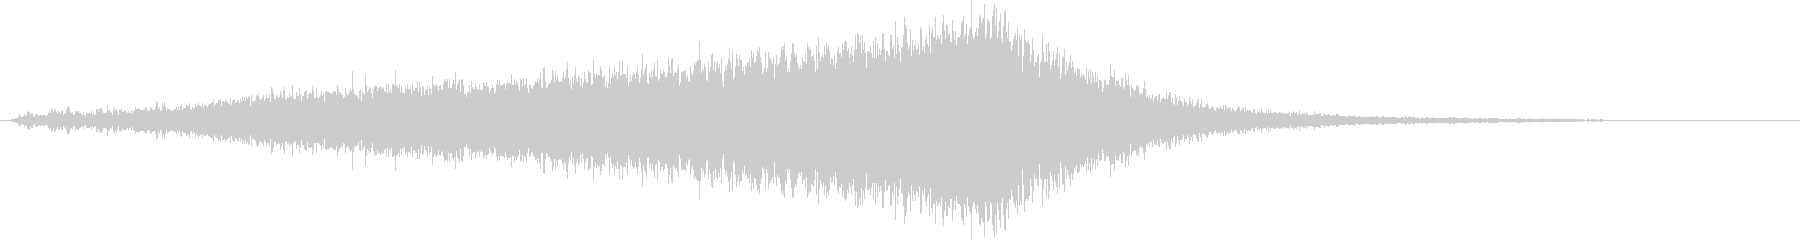 【ライザー】18 ホラーサウンド 危険の未再生の波形